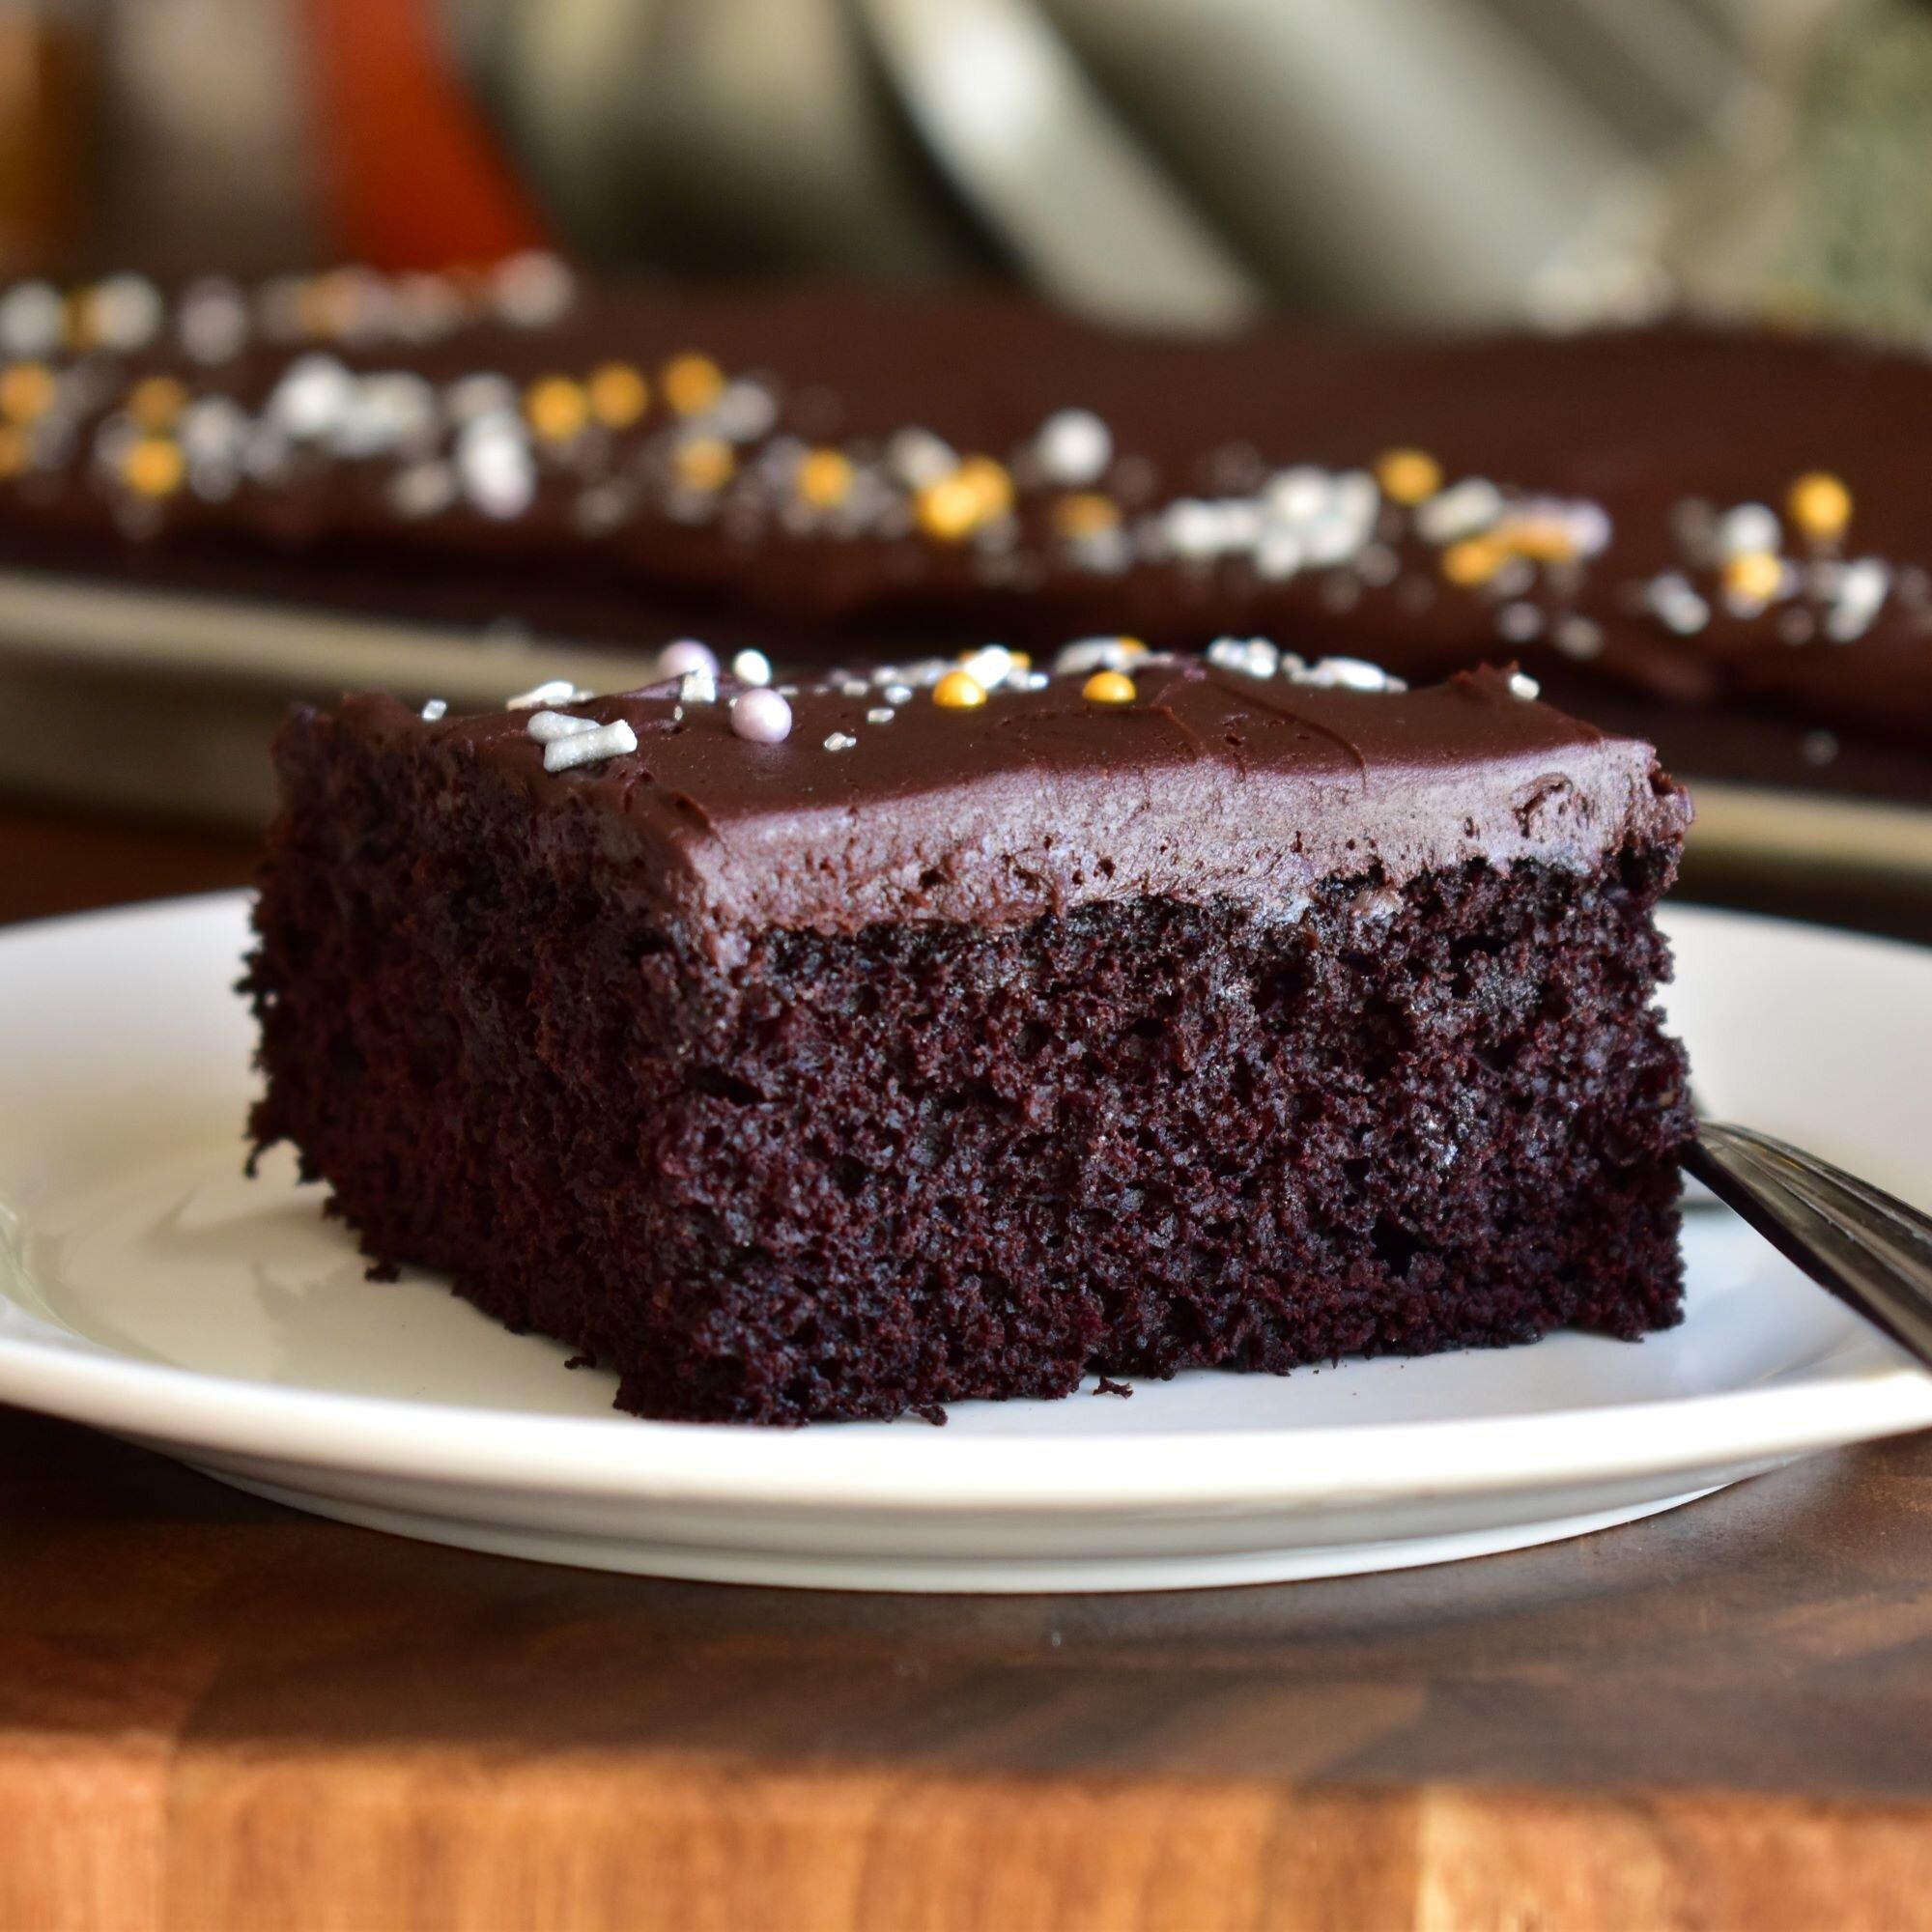 dark chocolate sheet cake with dark chocolate frosting